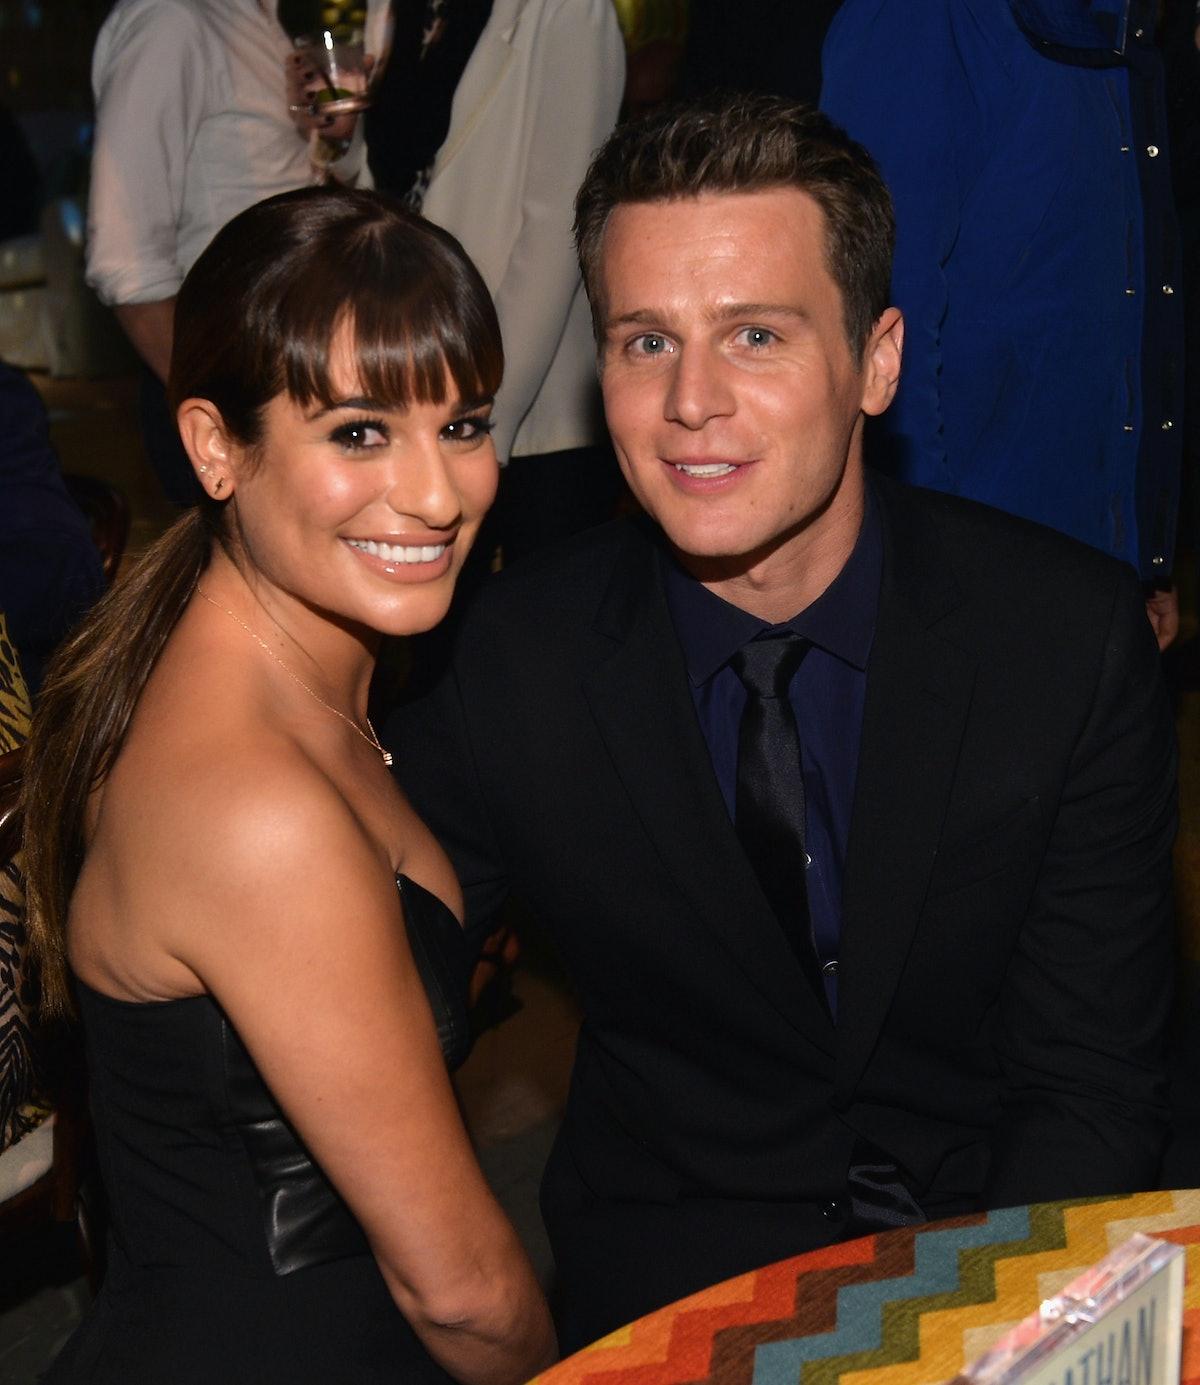 Glee actors dating